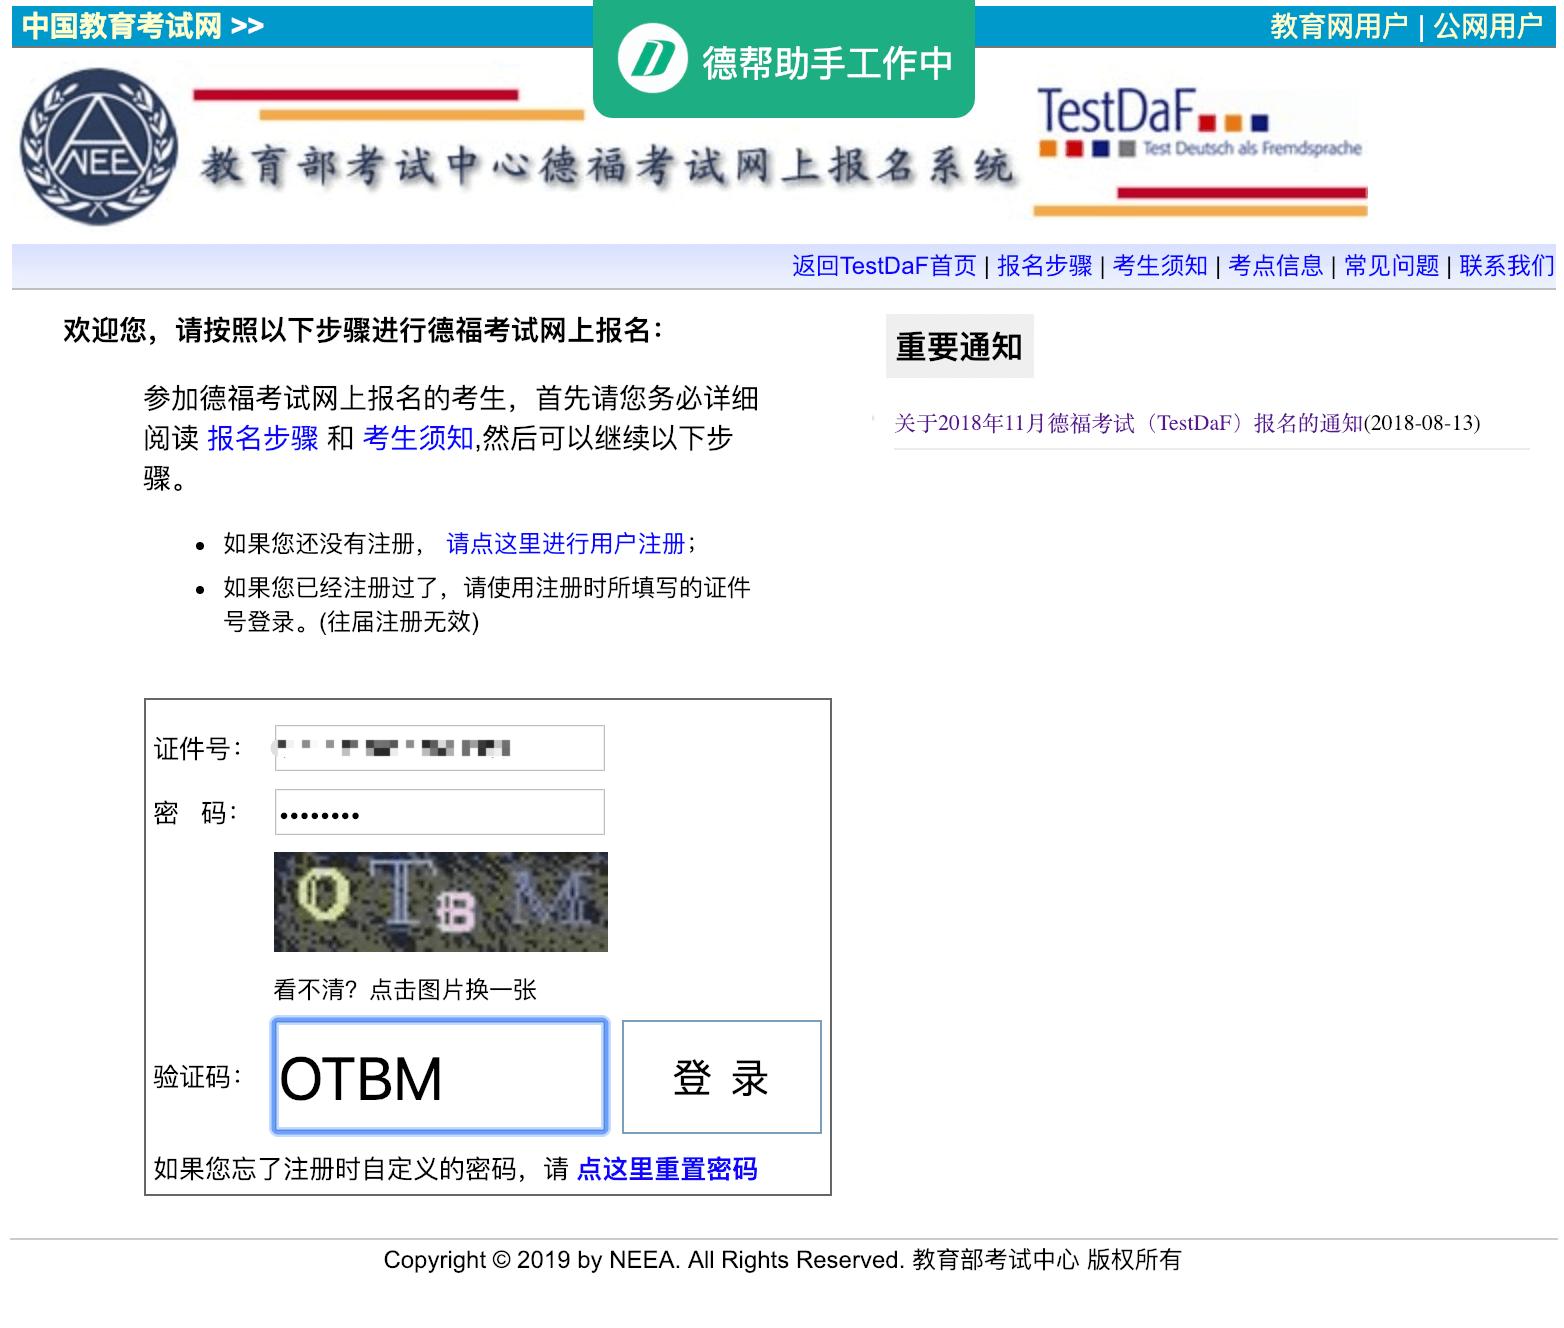 testdaf-login.png